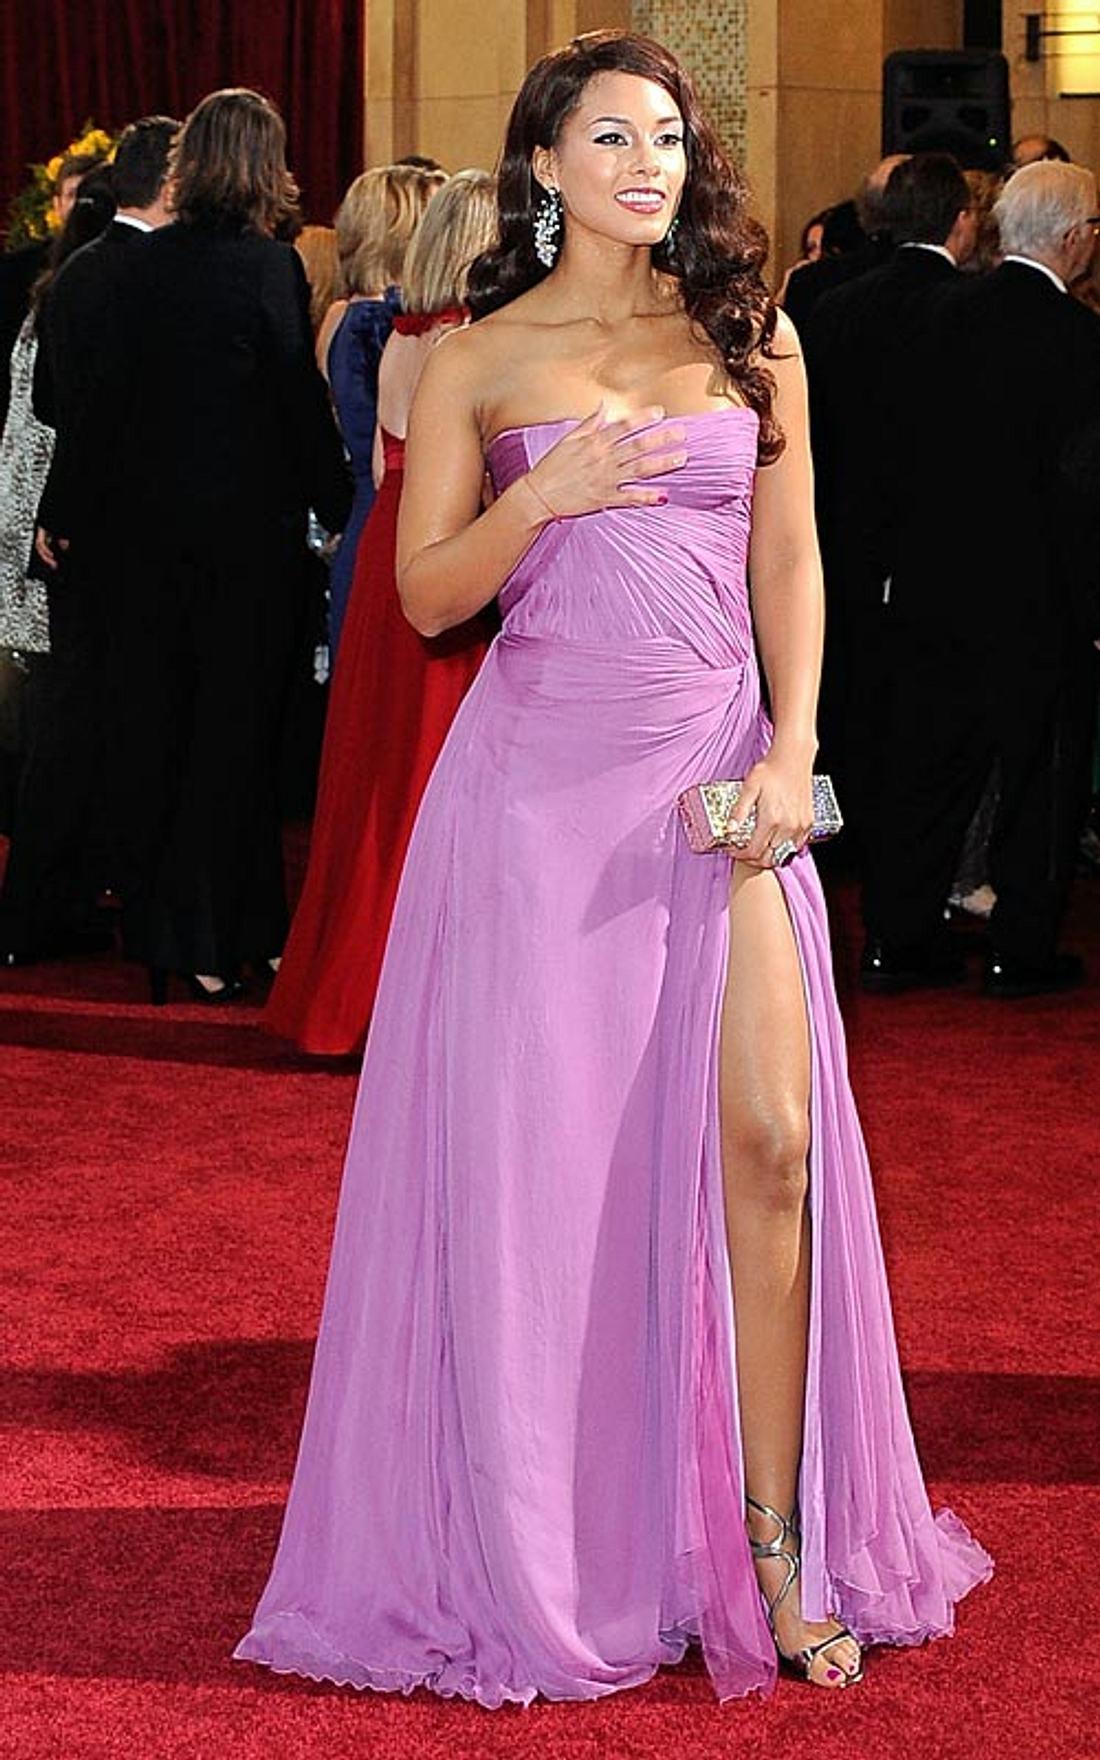 Promi-Kleider mit Schlitz: Zeigt her eure Beine! - Bild 1